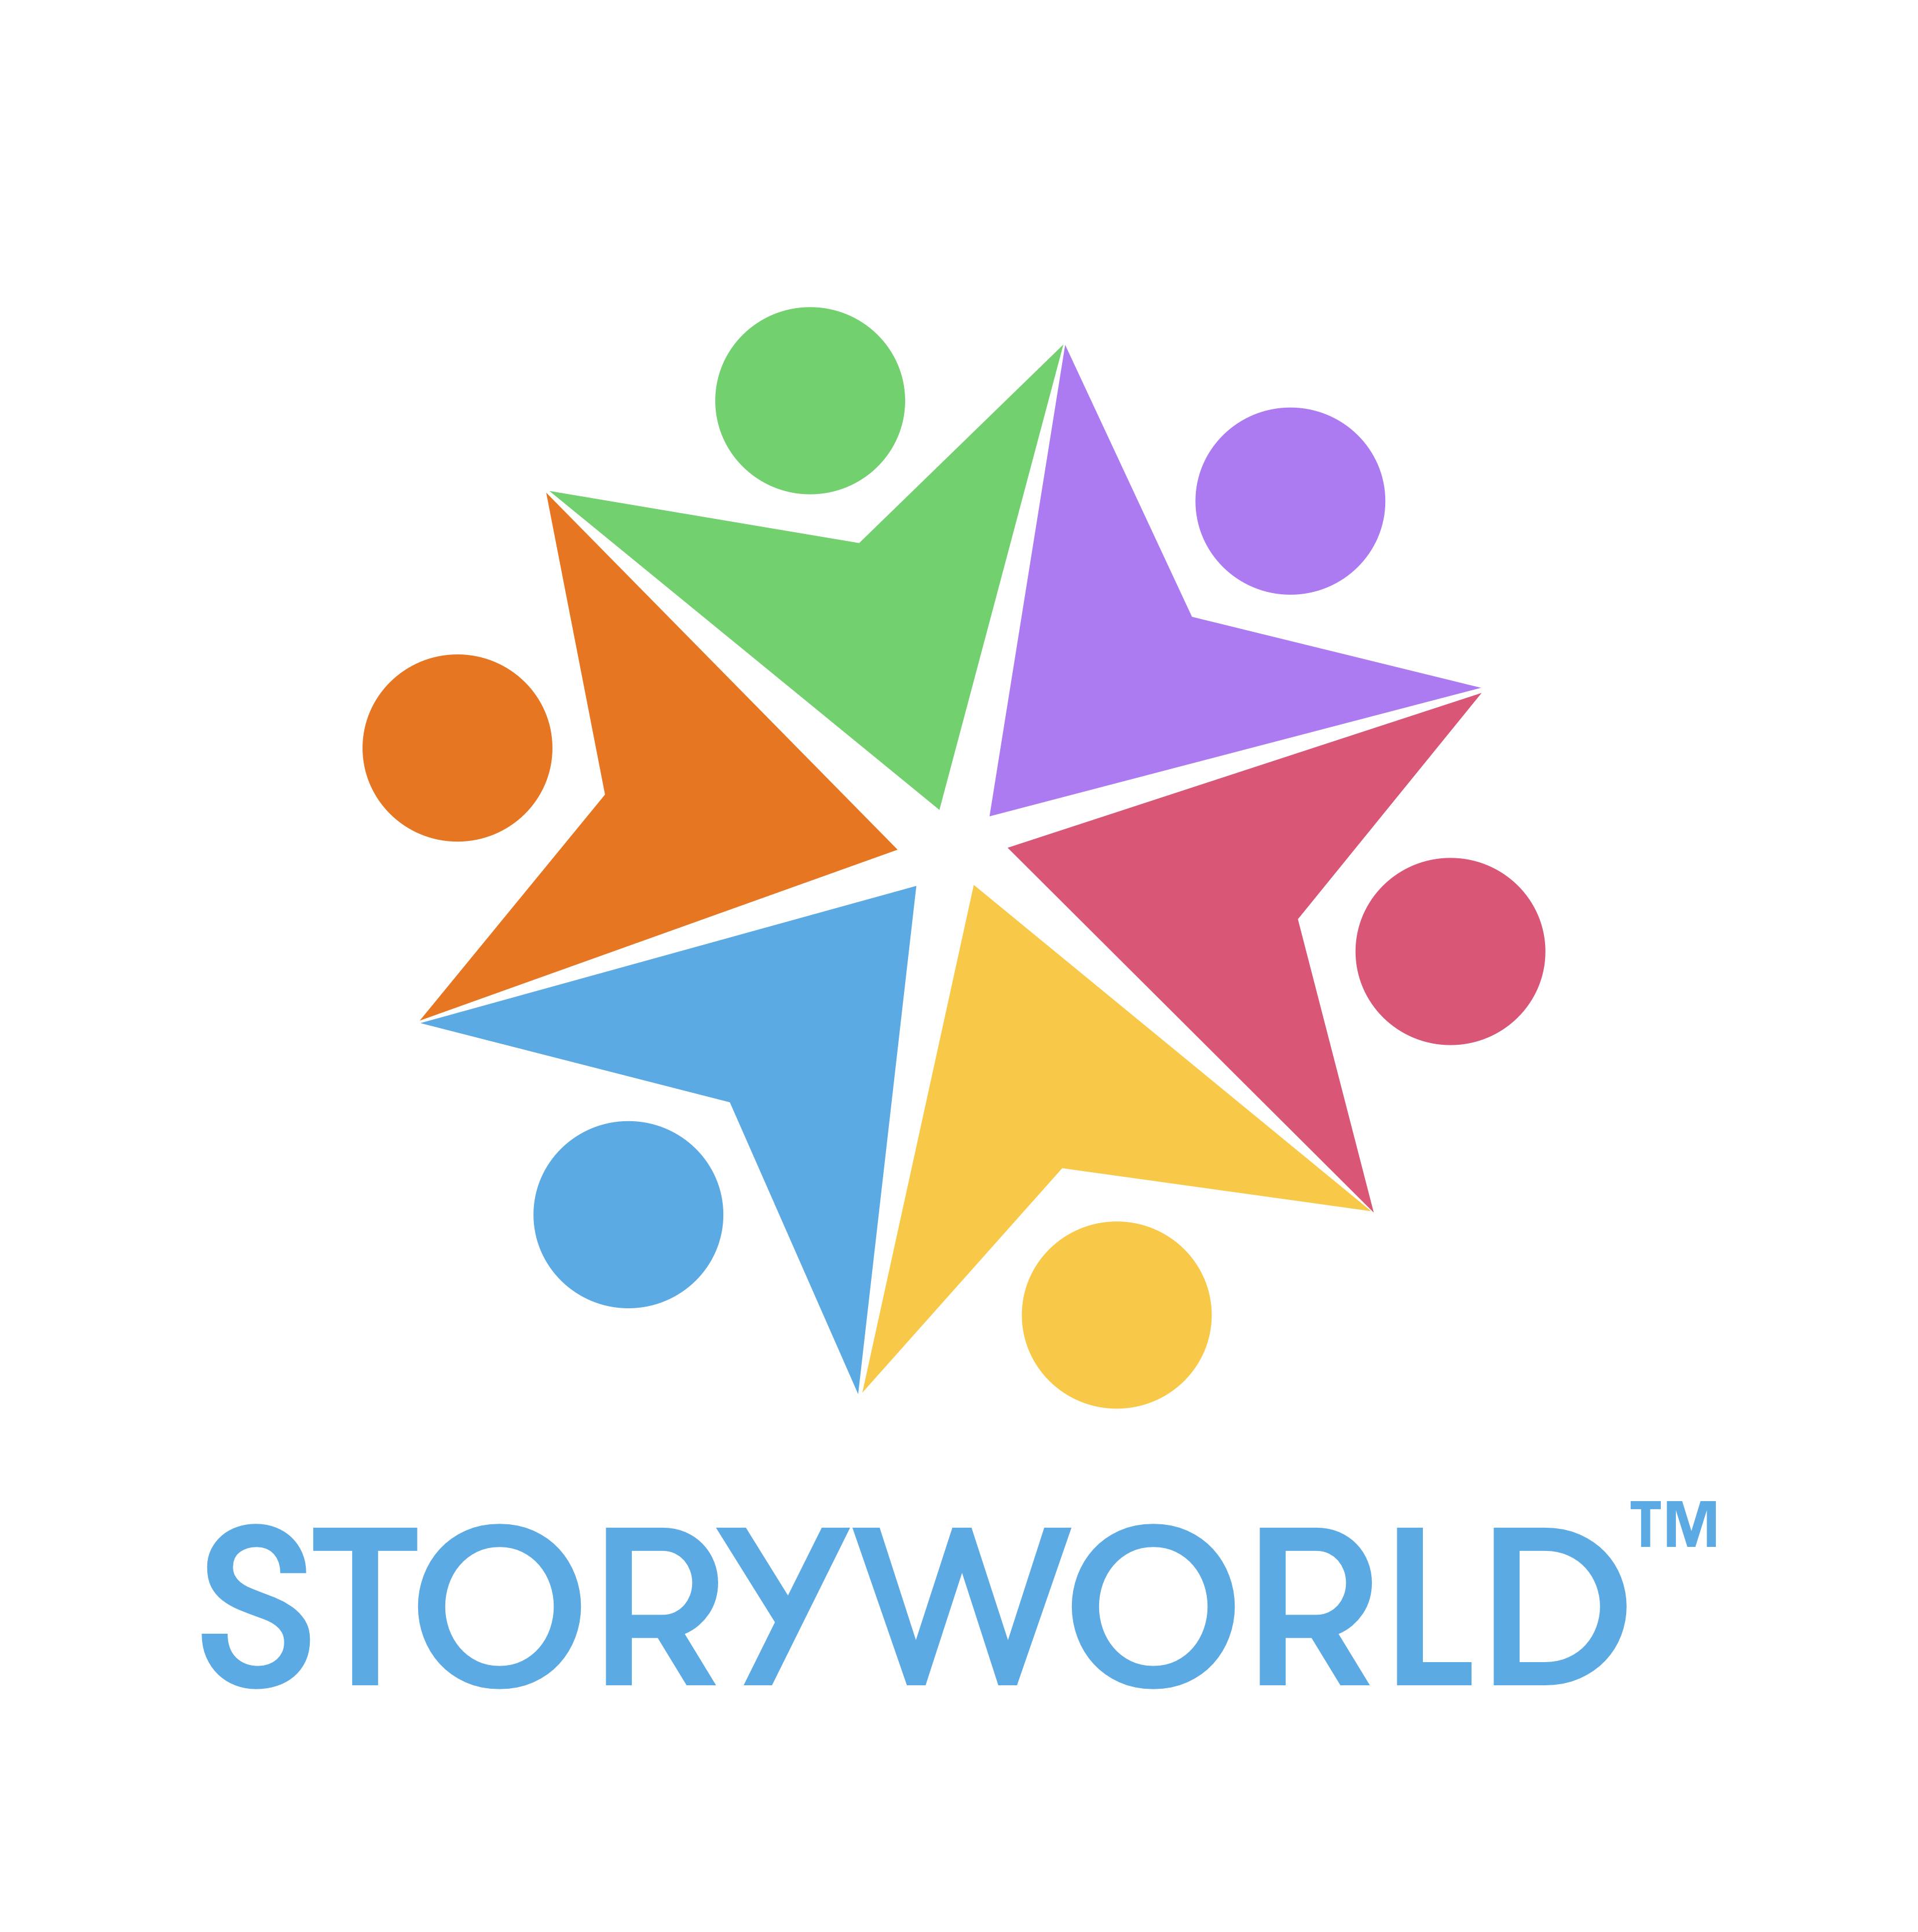 STORYWORLD INTERNATIONAL